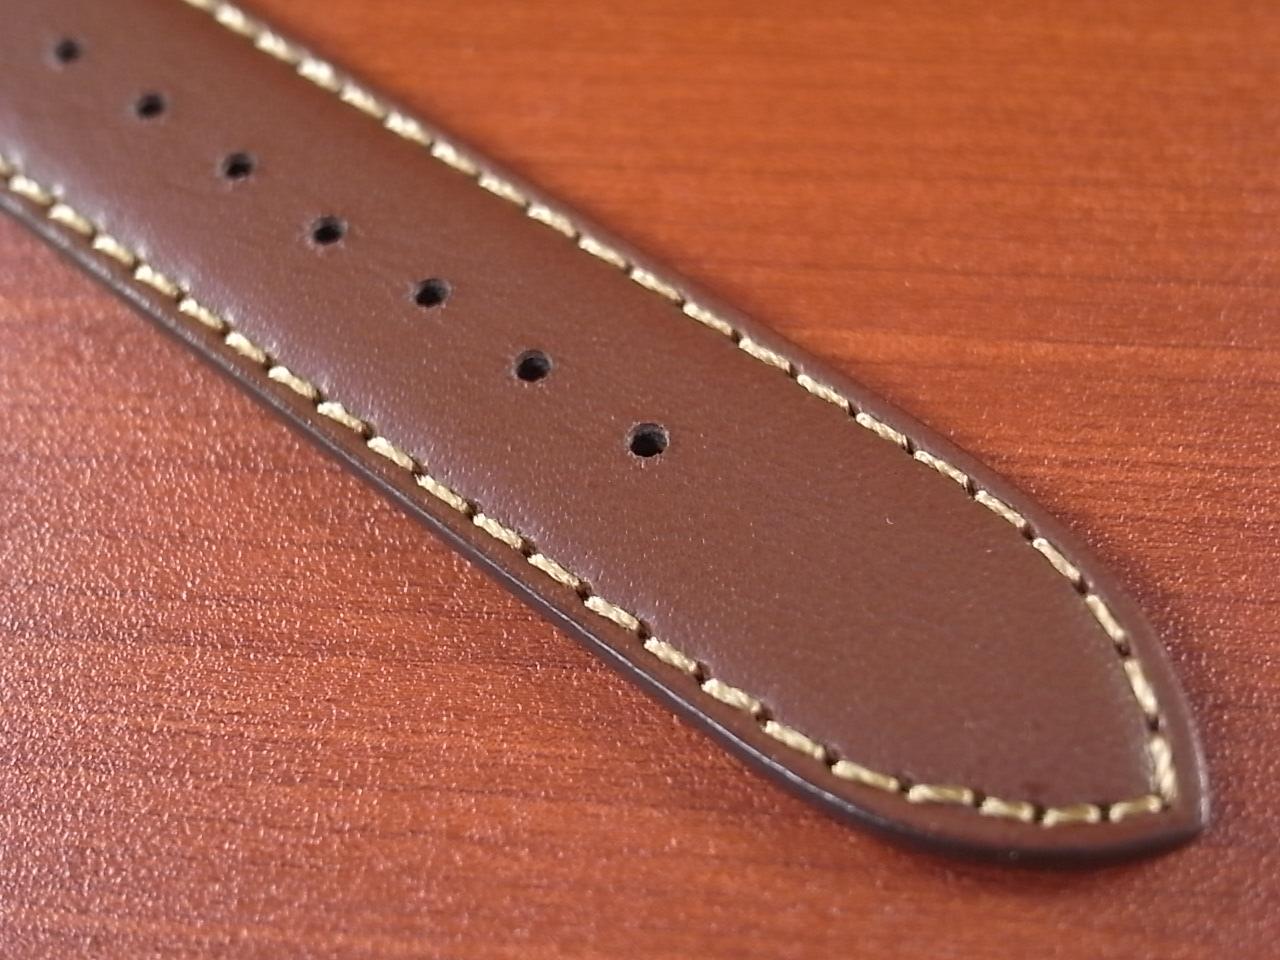 カーフ革ベルト 赤茶 18mm オリジナル CC-003の写真5枚目